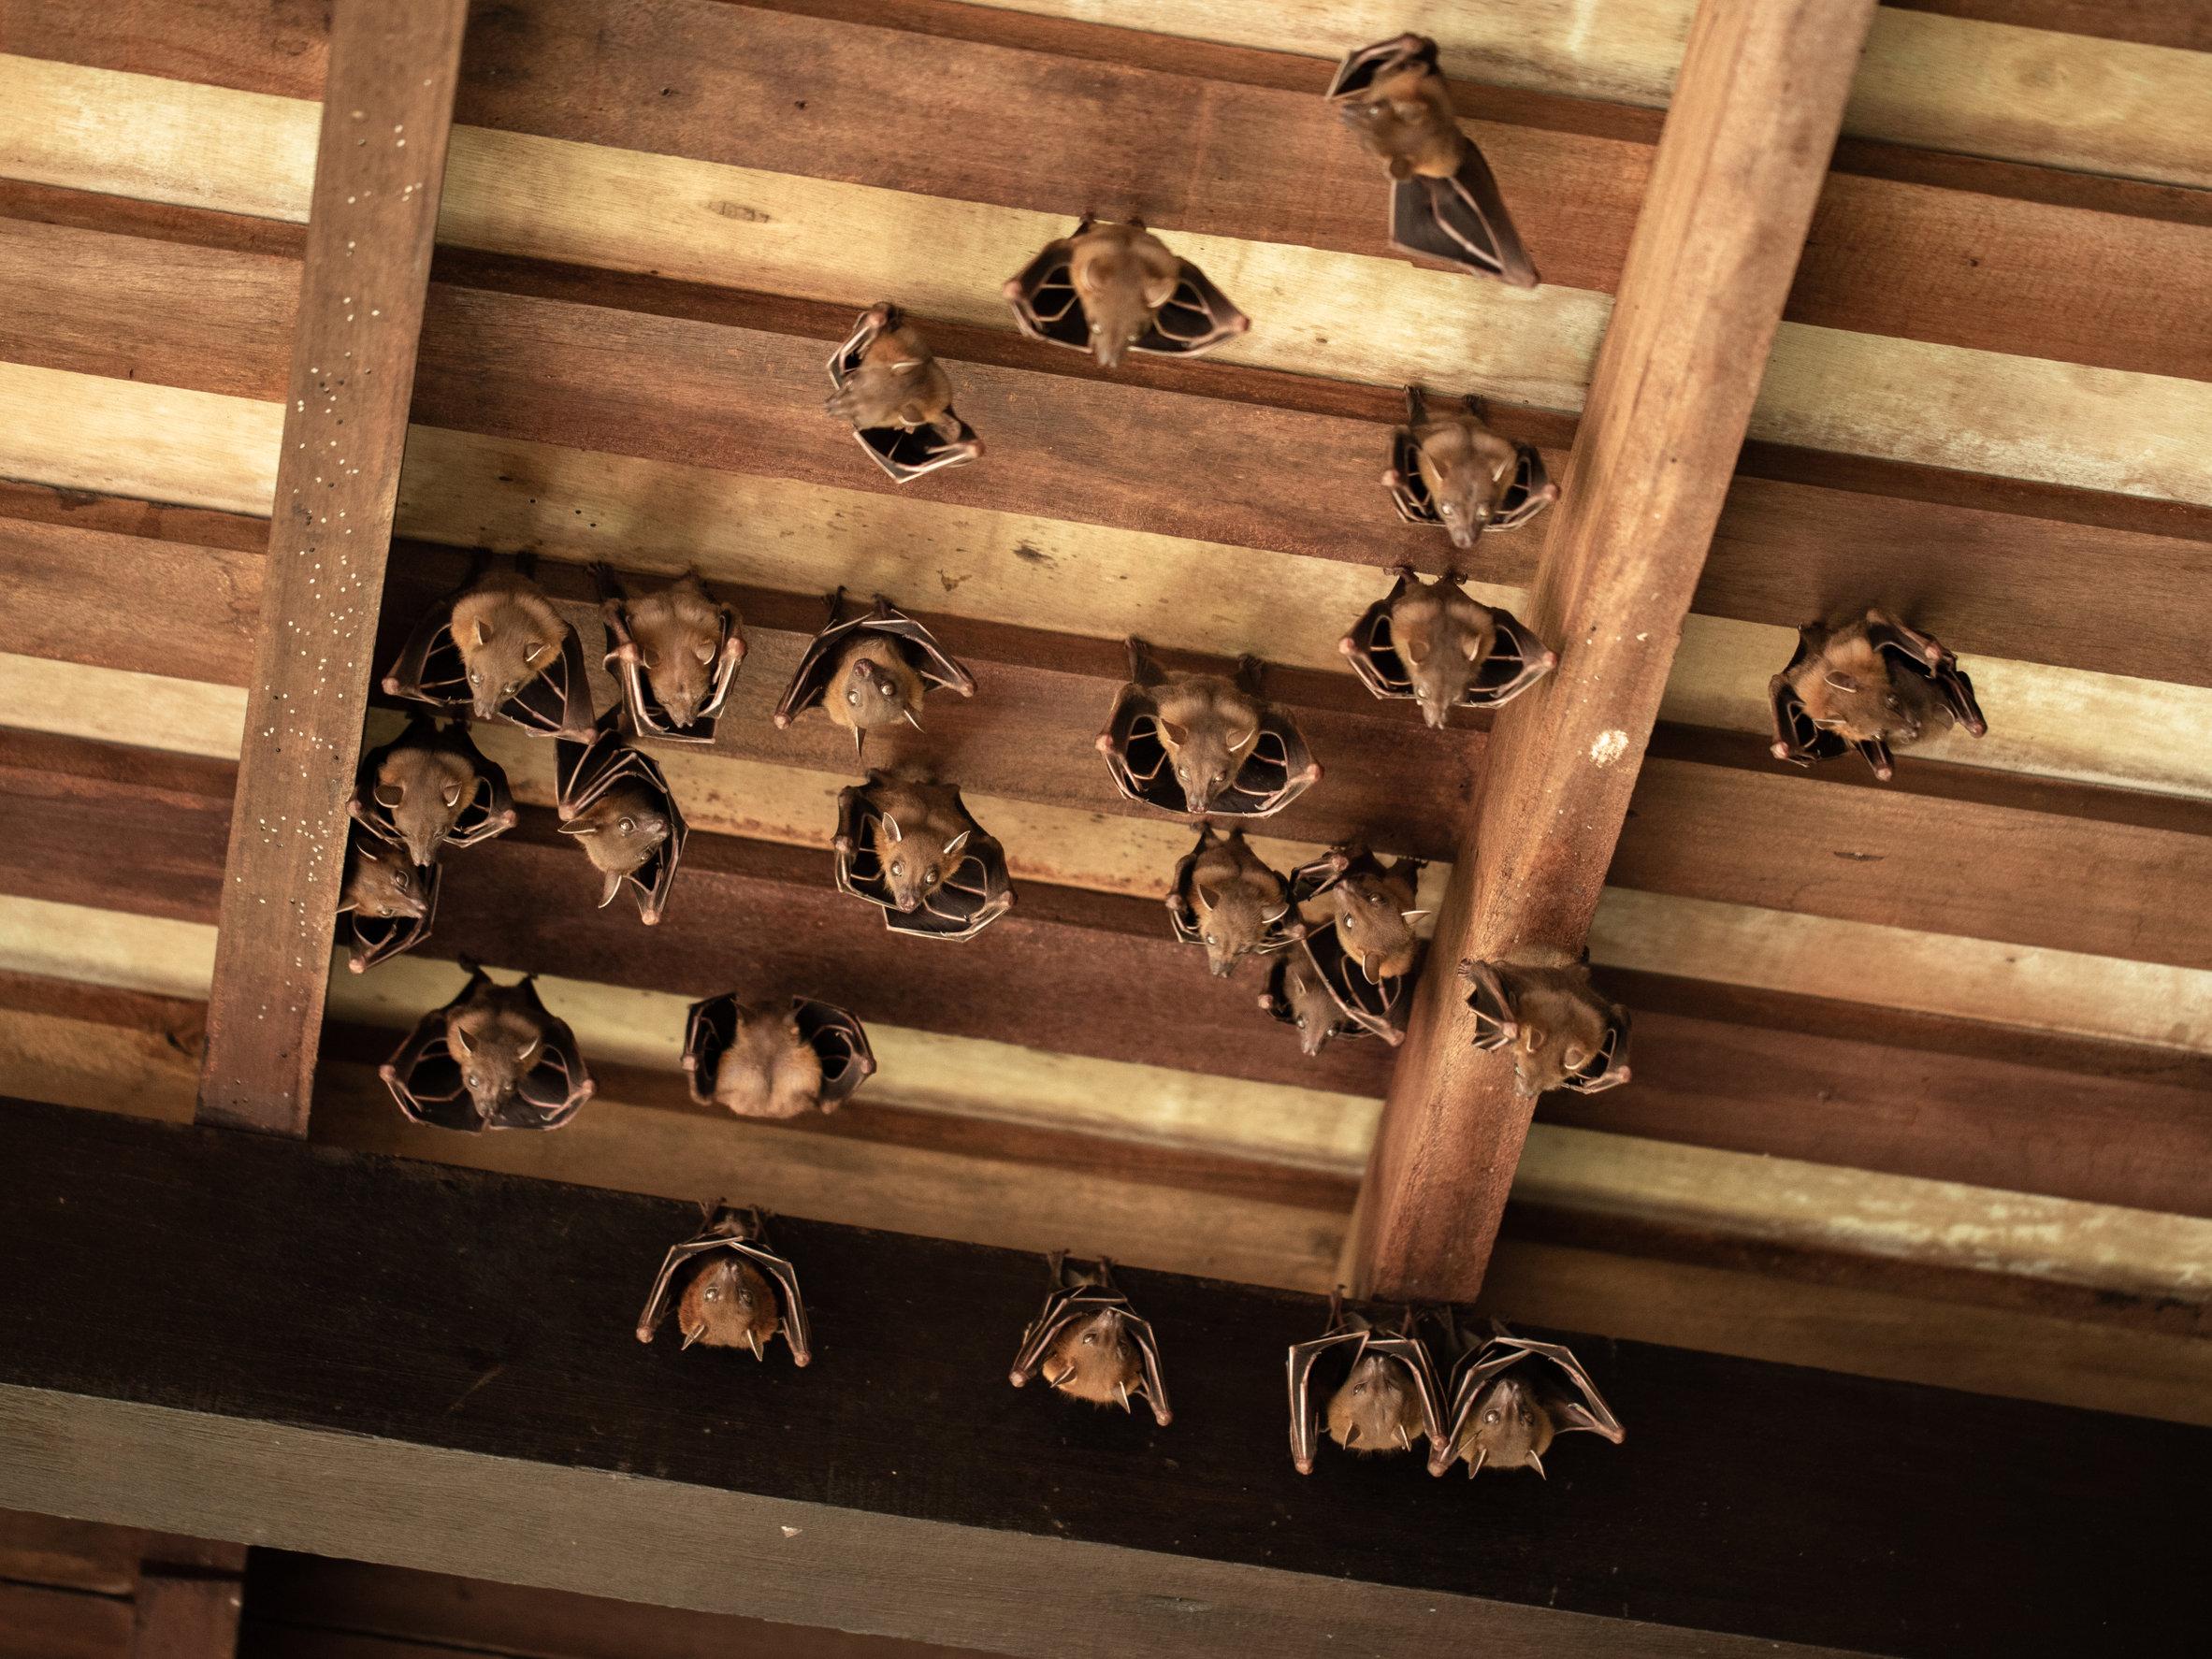 Bats in rafters